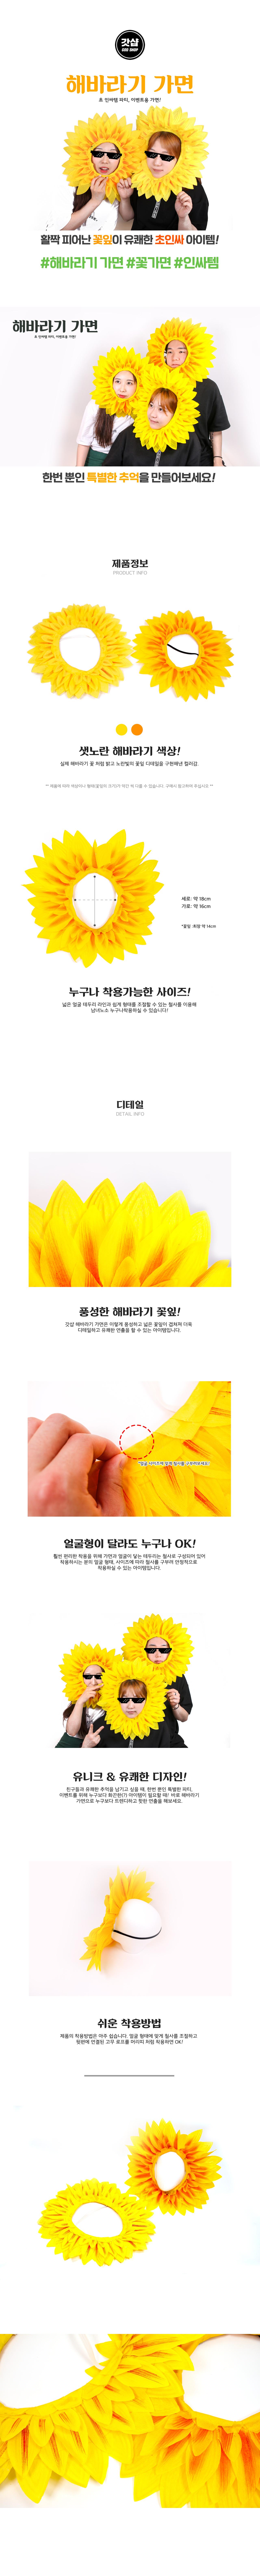 갓샵 핵 인싸템 해바라기 꽃 얼굴 가면 응원용품 소품 - 갓샵, 7,900원, 파티의상/잡화, 가면/안경